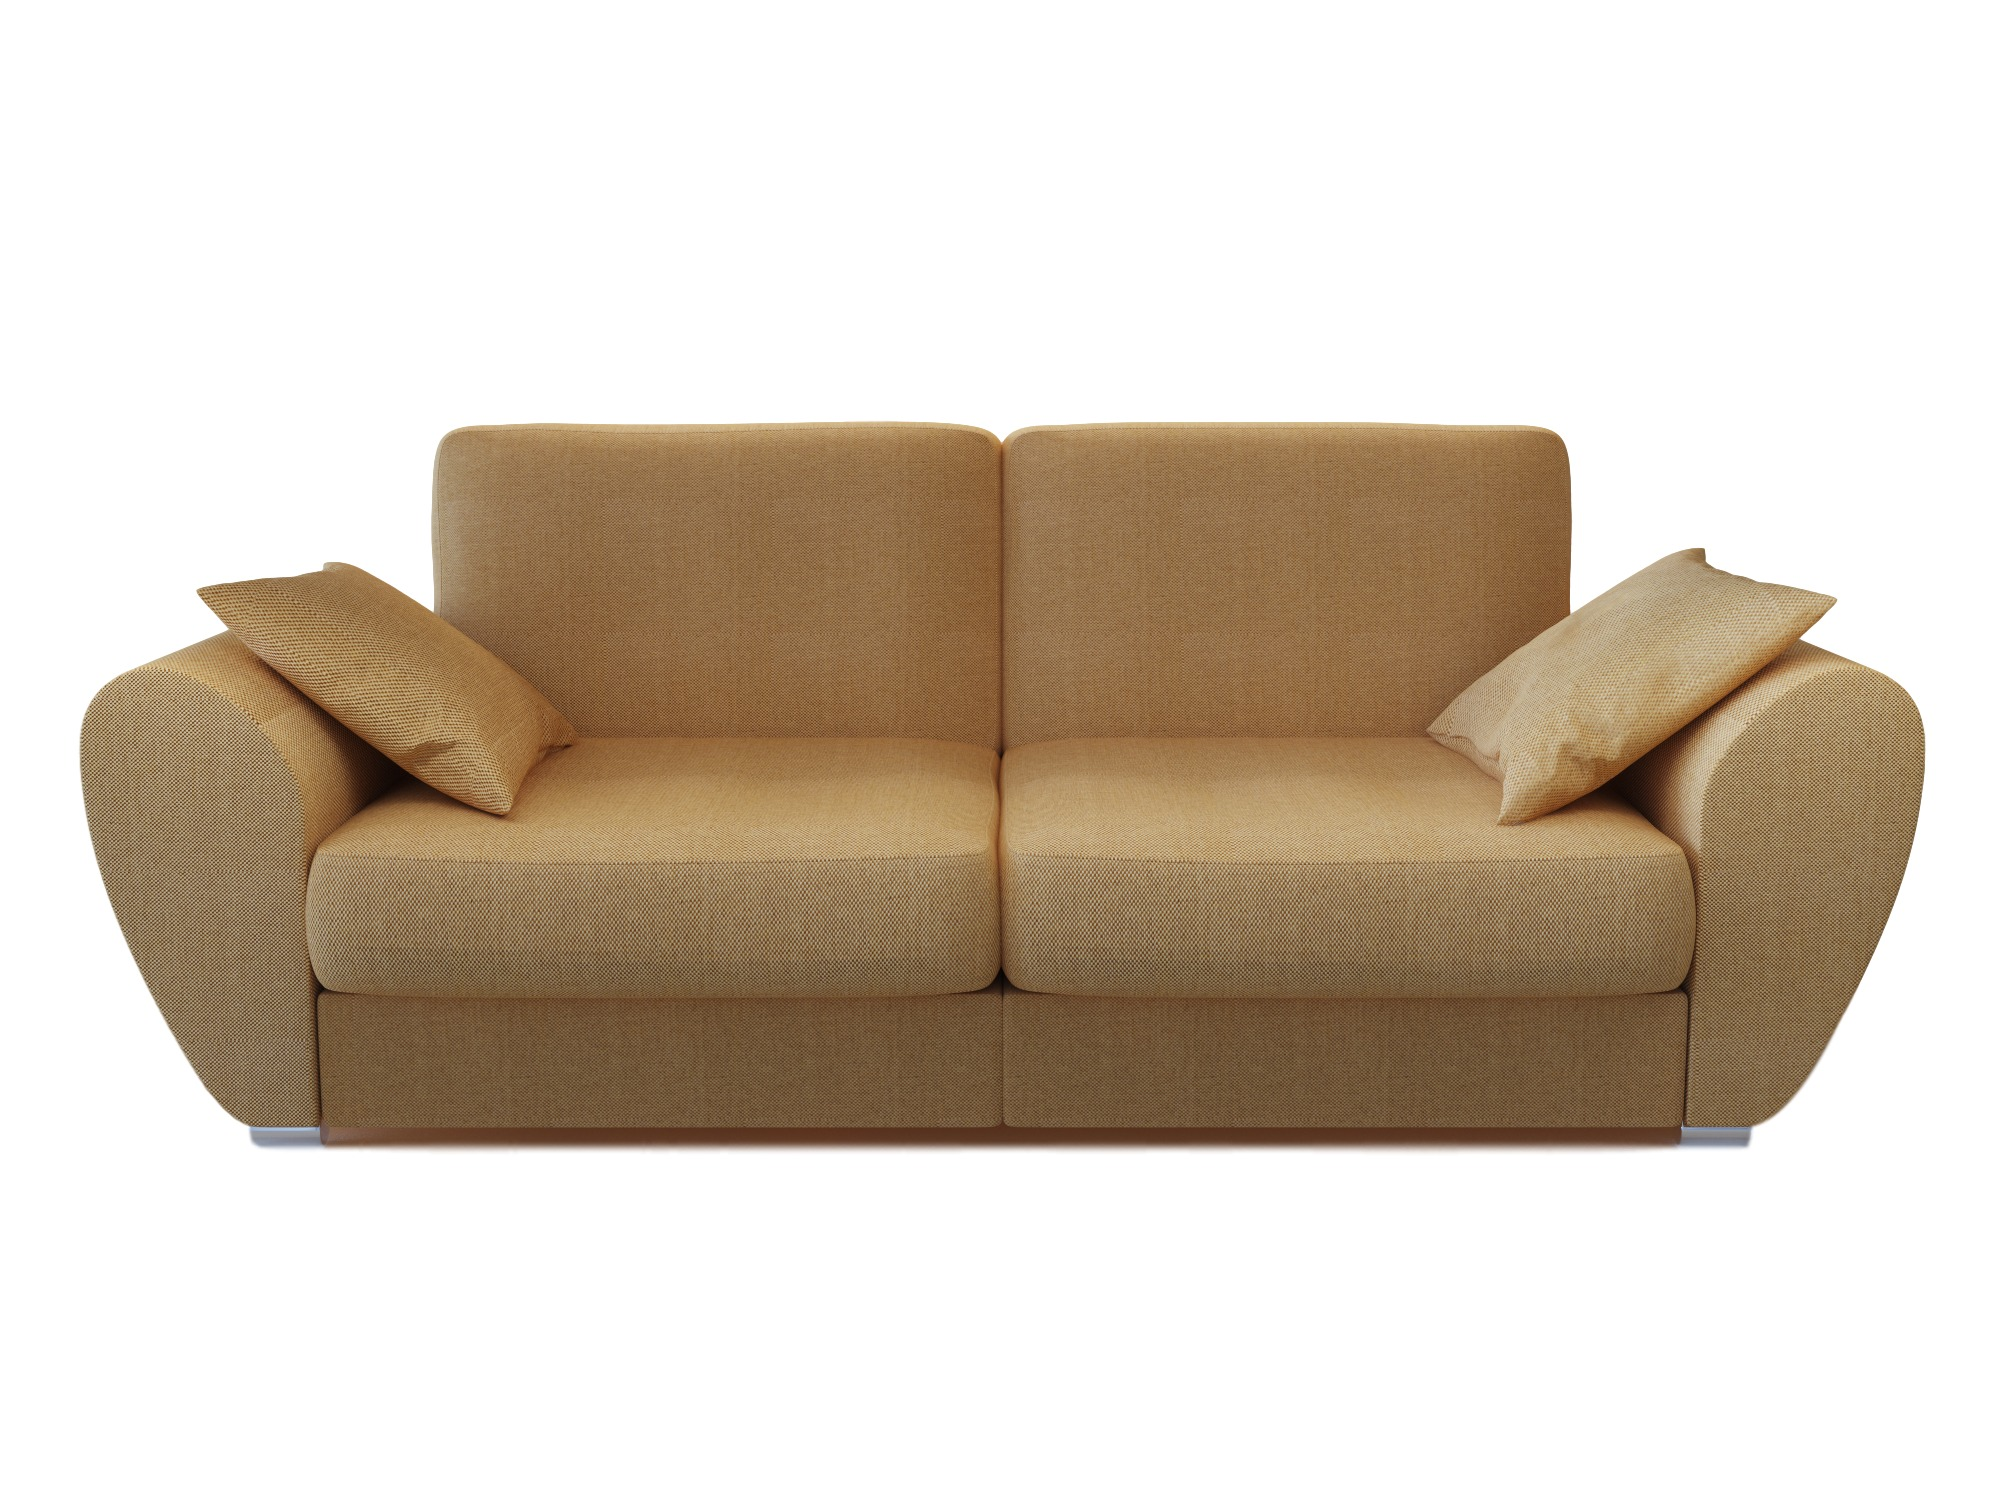 Диван-кровать CataloniaПрямые раскладные диваны<br>&amp;lt;div&amp;gt;С этим диваном вы не сможете поставить &amp;quot;точку&amp;quot; в отношениях! Его причудливые подлокотники в форме запятых точно не оставят вас равнодушным! Он в свою очередь будет служить вам и как диван для отдыха, и как удобная кровать, с которой не захочется расставаться!&amp;lt;/div&amp;gt;&amp;lt;div&amp;gt;&amp;lt;br&amp;gt;&amp;lt;/div&amp;gt;&amp;lt;div&amp;gt;Диван-кровать с раскладным механизмом &amp;quot;Лотос&amp;quot;.&amp;lt;/div&amp;gt;&amp;lt;div&amp;gt;Размеры спального места: 200х120, 200х140, 200х160 см&amp;lt;br&amp;gt;&amp;lt;/div&amp;gt;&amp;lt;div&amp;gt;Материал корпуса: фанера, брус&amp;lt;/div&amp;gt;&amp;lt;div&amp;gt;Материал обивки: полиэстер, 40000 циклов&amp;lt;/div&amp;gt;&amp;lt;div&amp;gt;Возможность исполнения в другом материале обивки&amp;lt;/div&amp;gt;&amp;lt;div&amp;gt;Дополнительные опции: ящик из ЛДСП 3960р, ножки (дерево или хром) 2141р.&amp;lt;/div&amp;gt;<br><br>Material: Текстиль<br>Ширина см: 200.0<br>Высота см: 80.0<br>Глубина см: 90.0